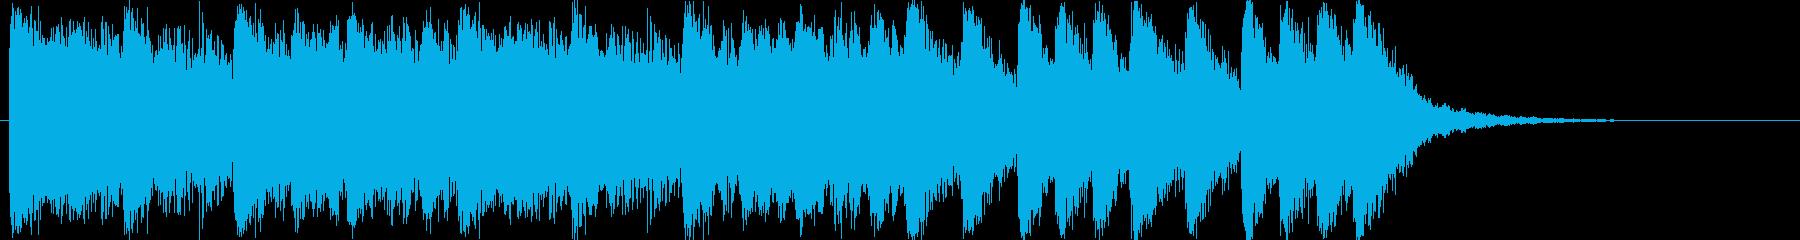 大迫力!壮大なフルオーケストラBGMの再生済みの波形